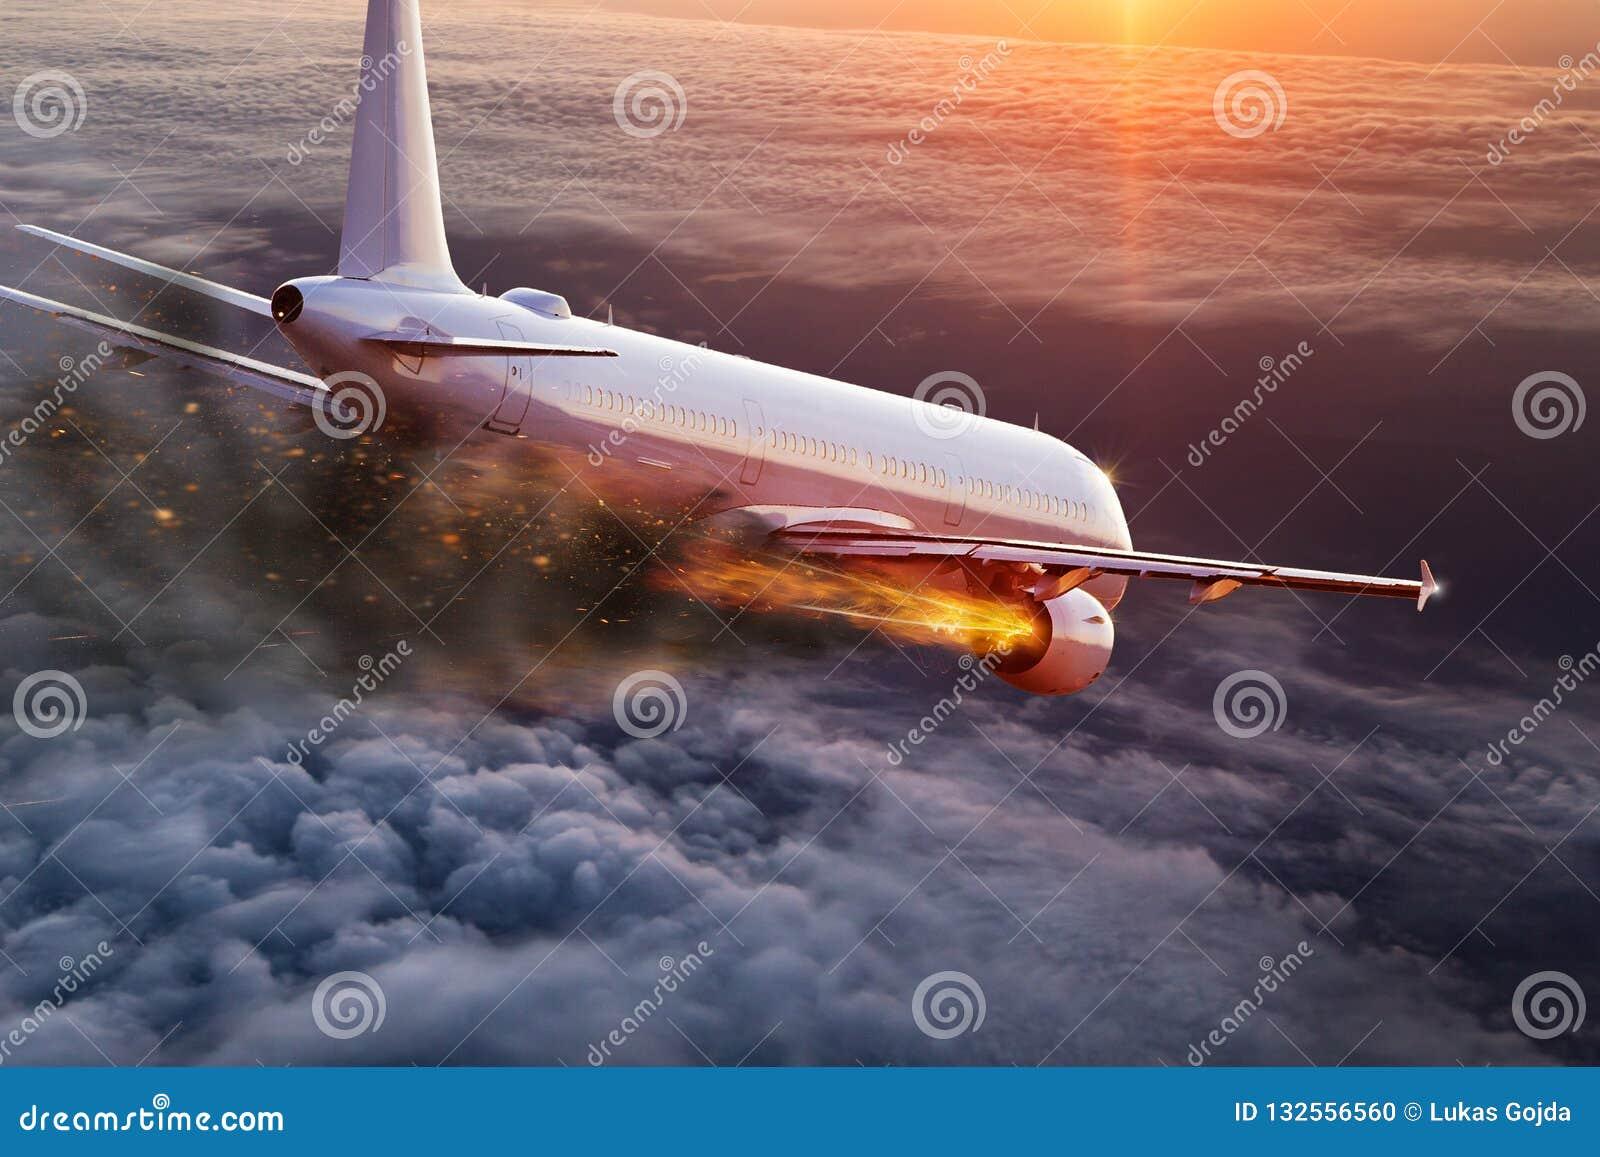 Aeroplano con el motor en el fuego, concepto de desastre aéreo